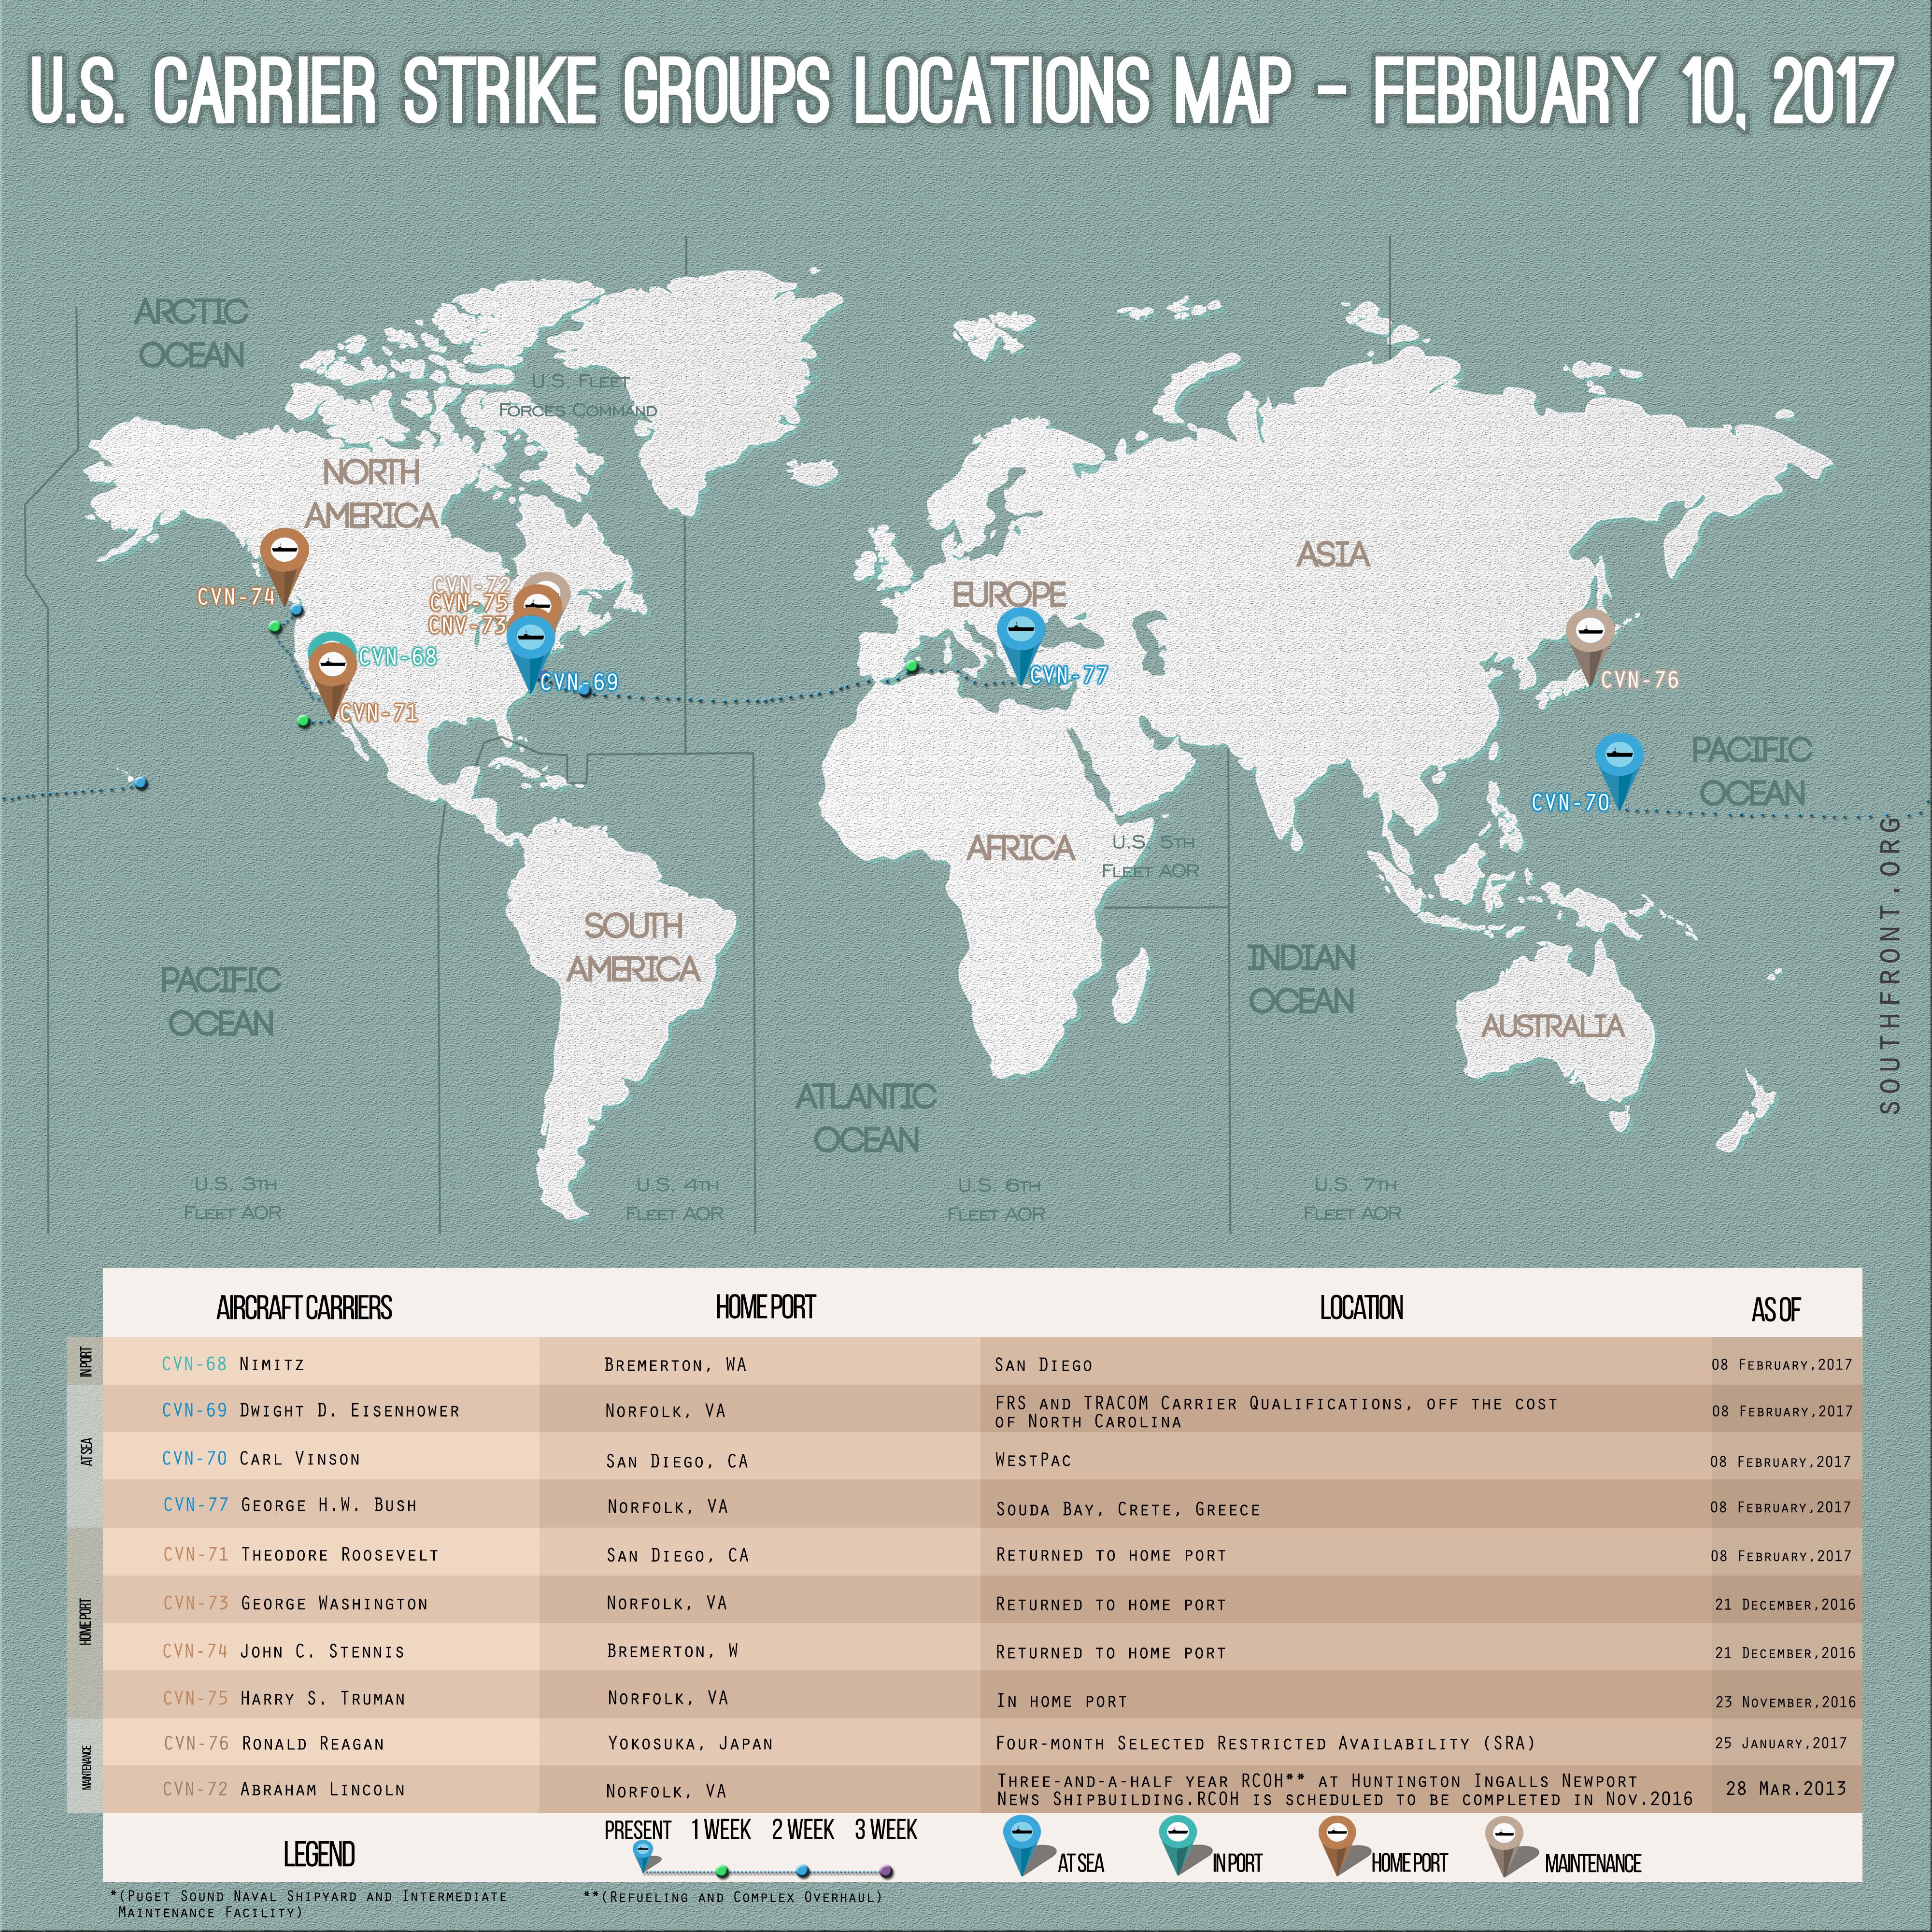 Klicken Sie hier, um die Karte in voller Größe zu sehen